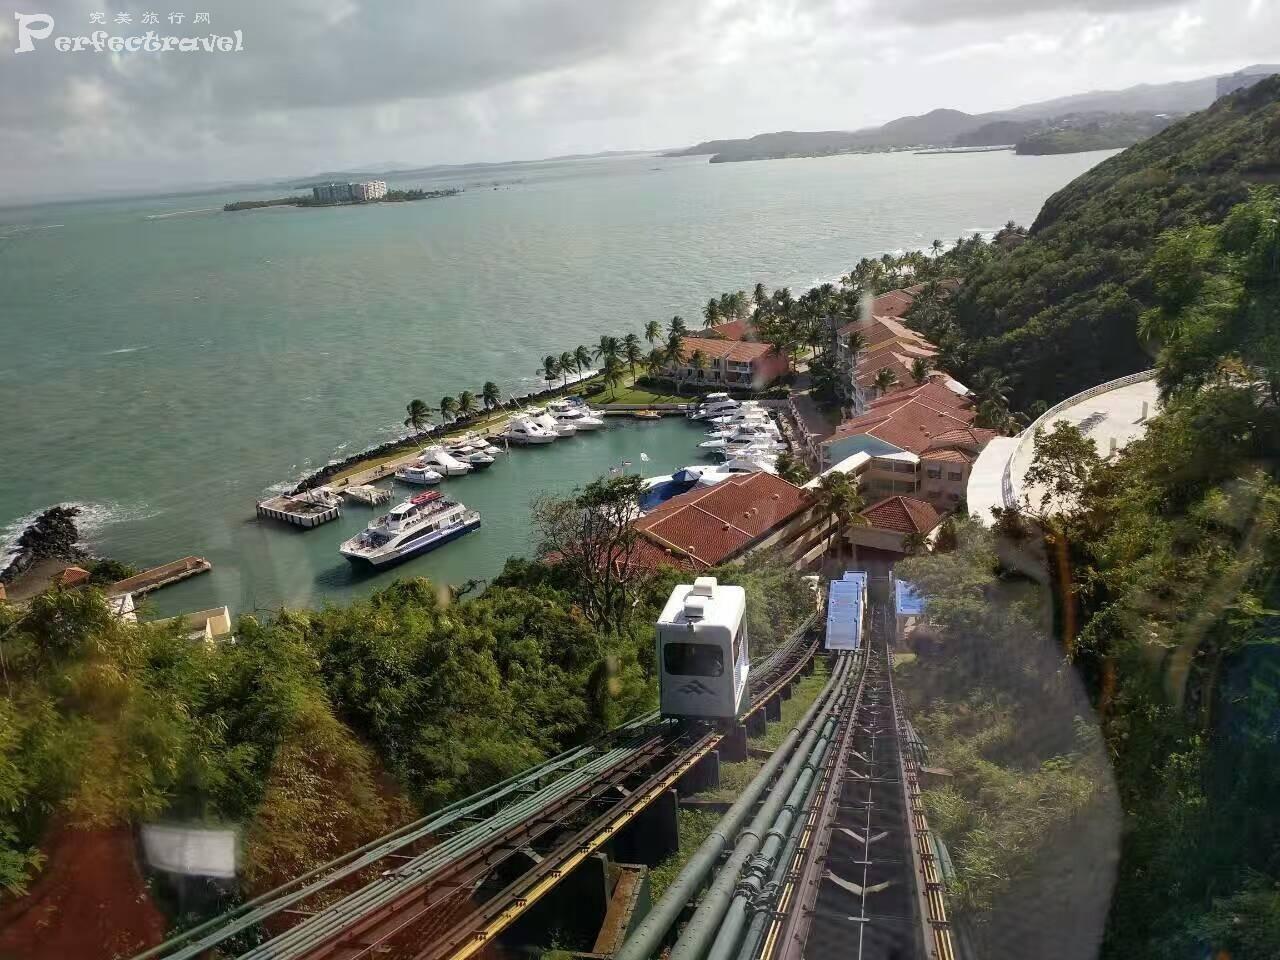 波多黎各的那些奢华酒店|花样姐姐游美国(第21--23天) - 完美旅行Perfectravel - 完美旅行Perfectravel的博客